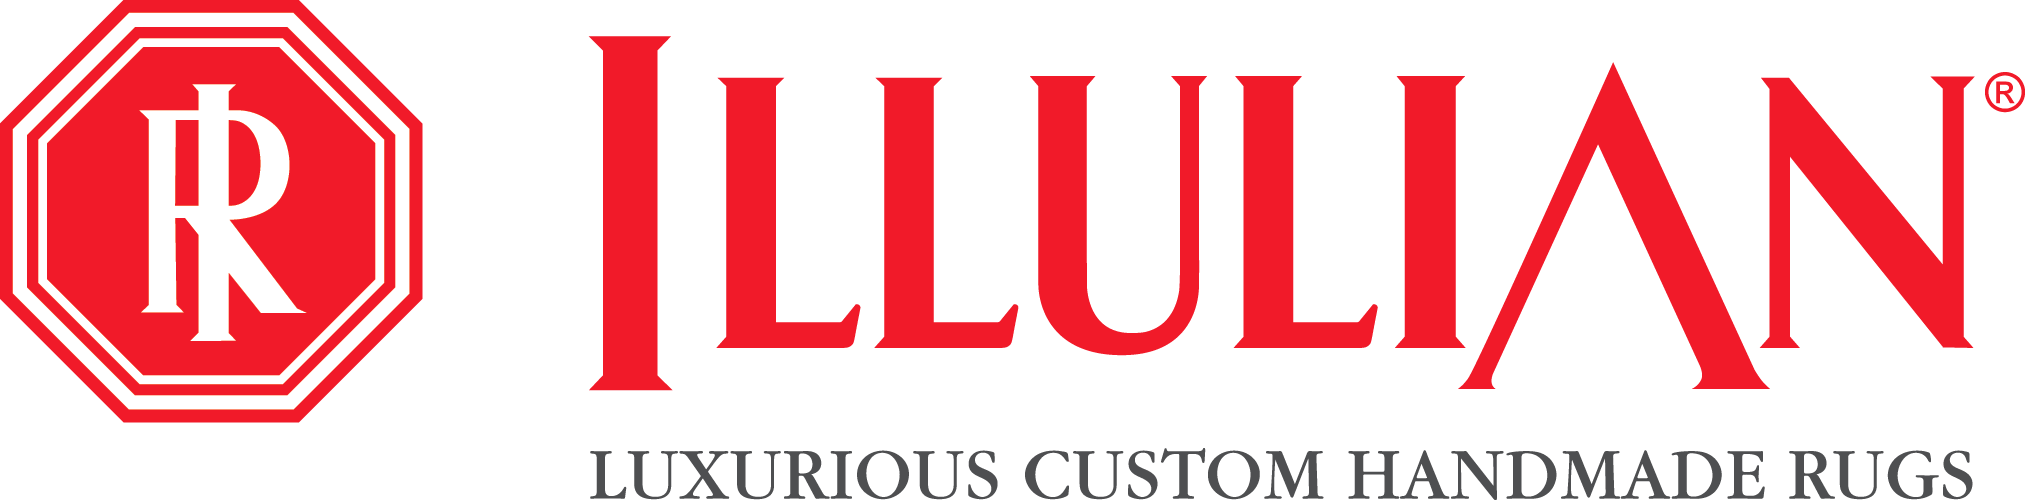 ILLULIAN